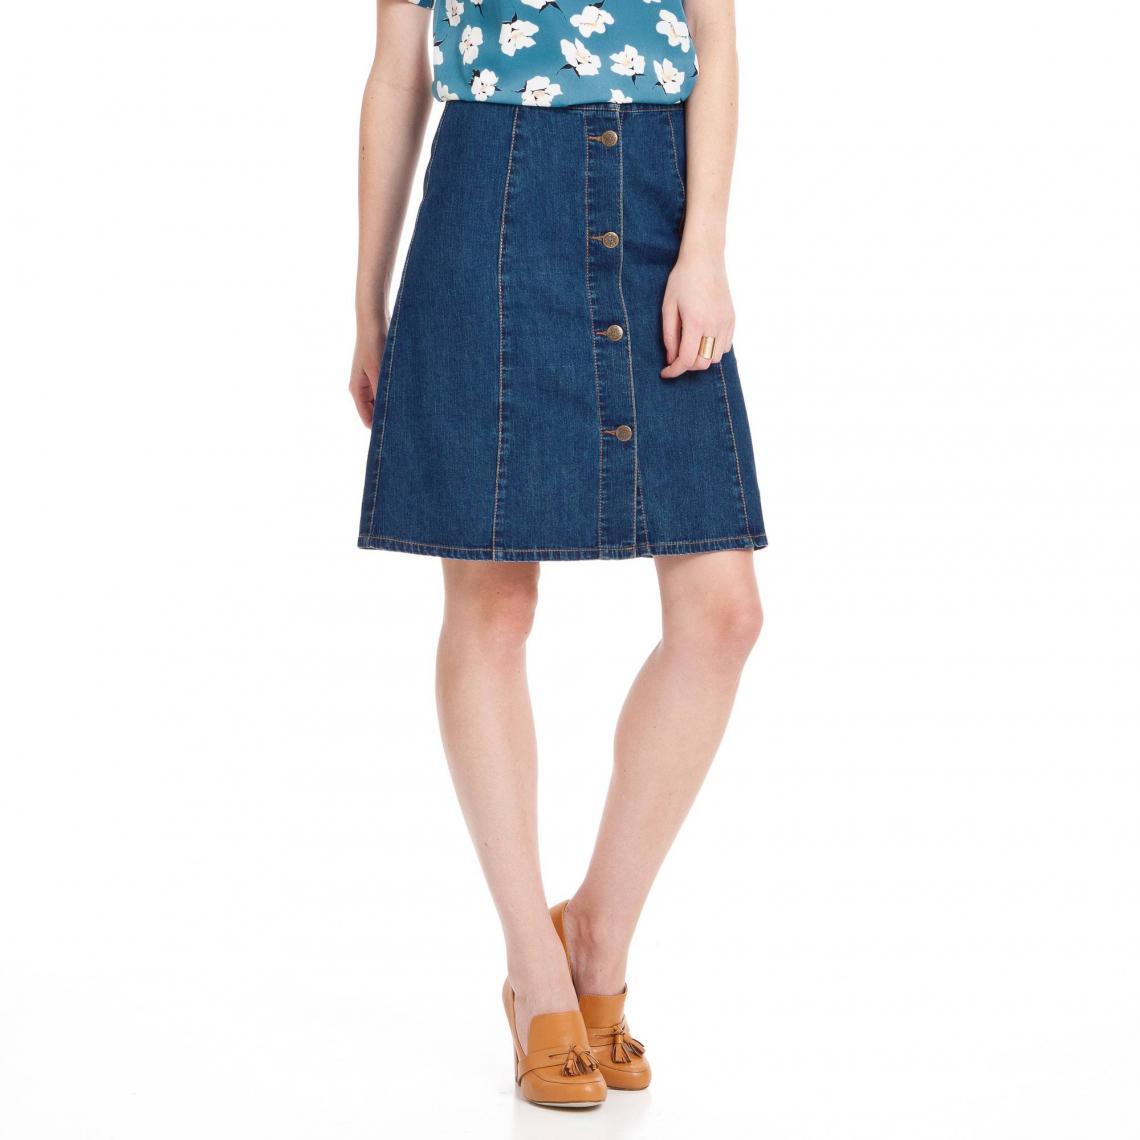 nouveau produit 5e3dd 91617 Jupe en jean trapèze boutonnée denim femme - Bleu | 3 SUISSES